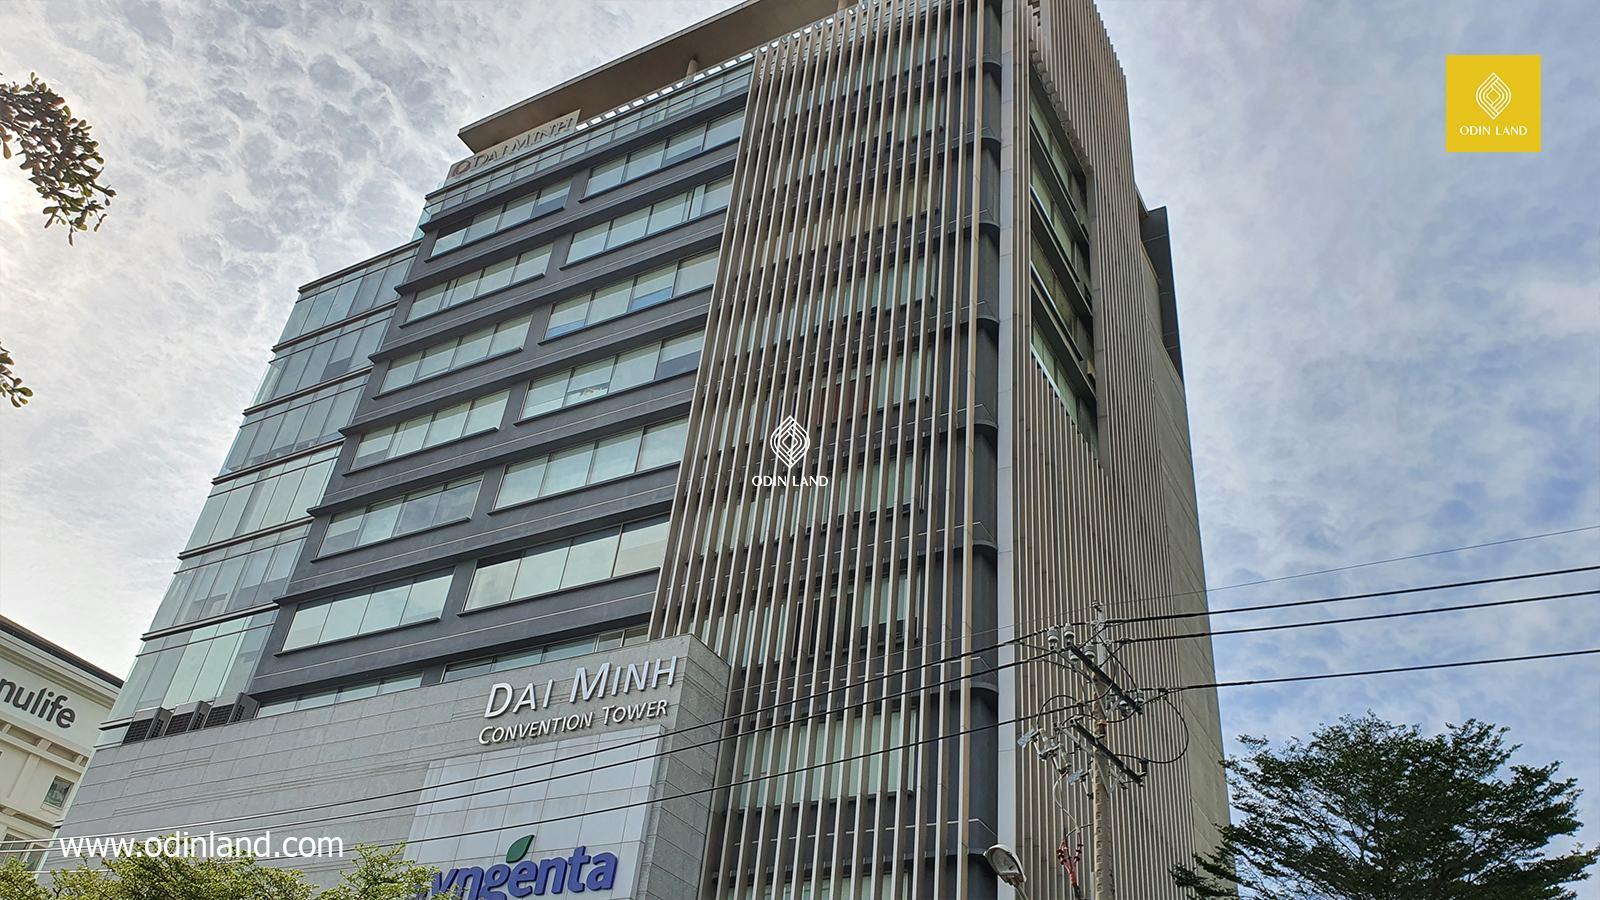 Van Phong Cho Thue Toa Nha Dai Minh Convention Tower (3)